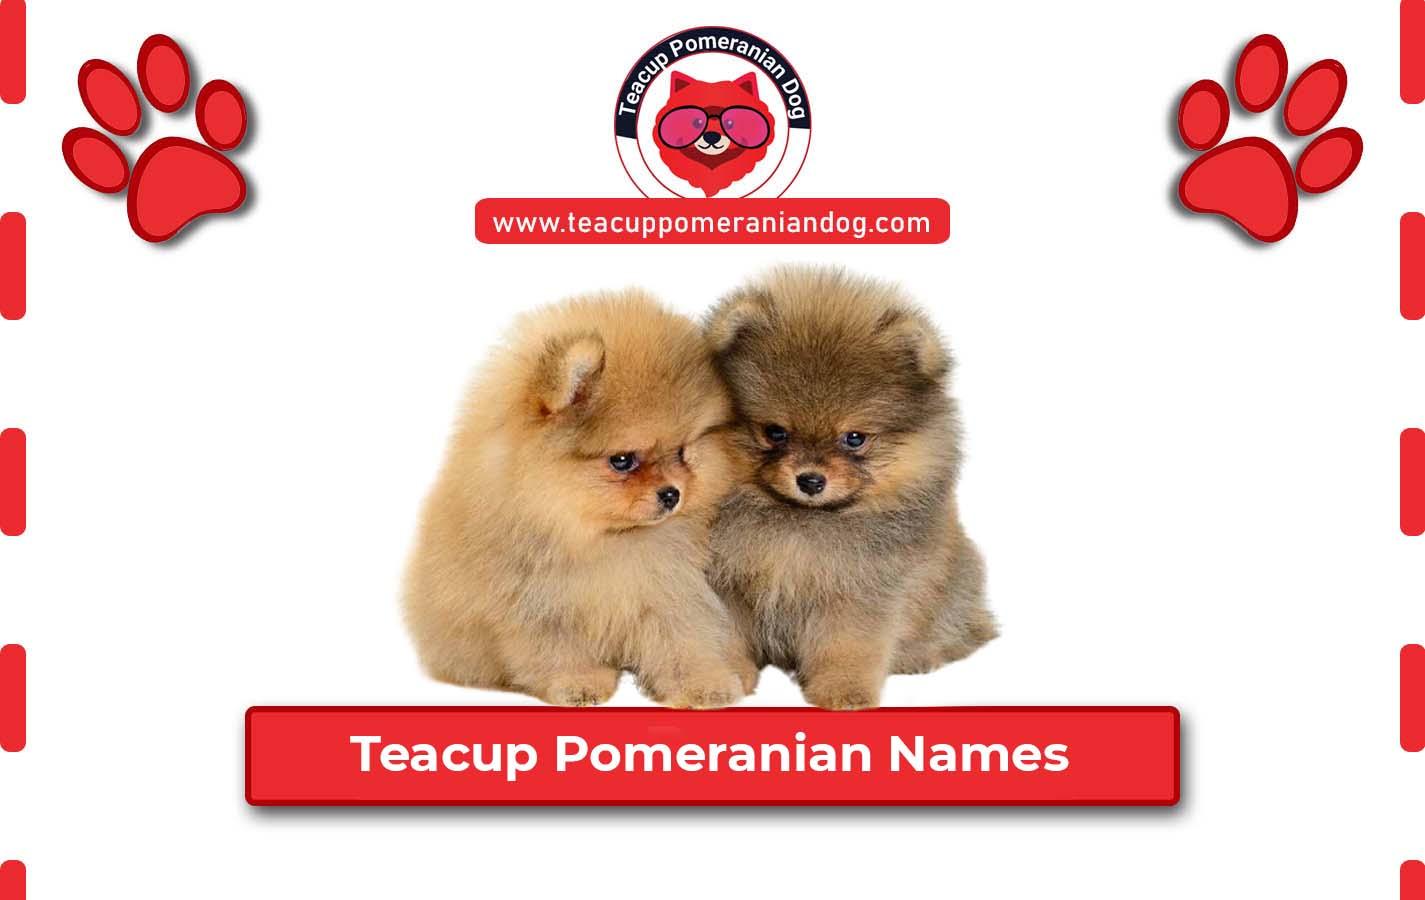 Teacup Pomeranian Names